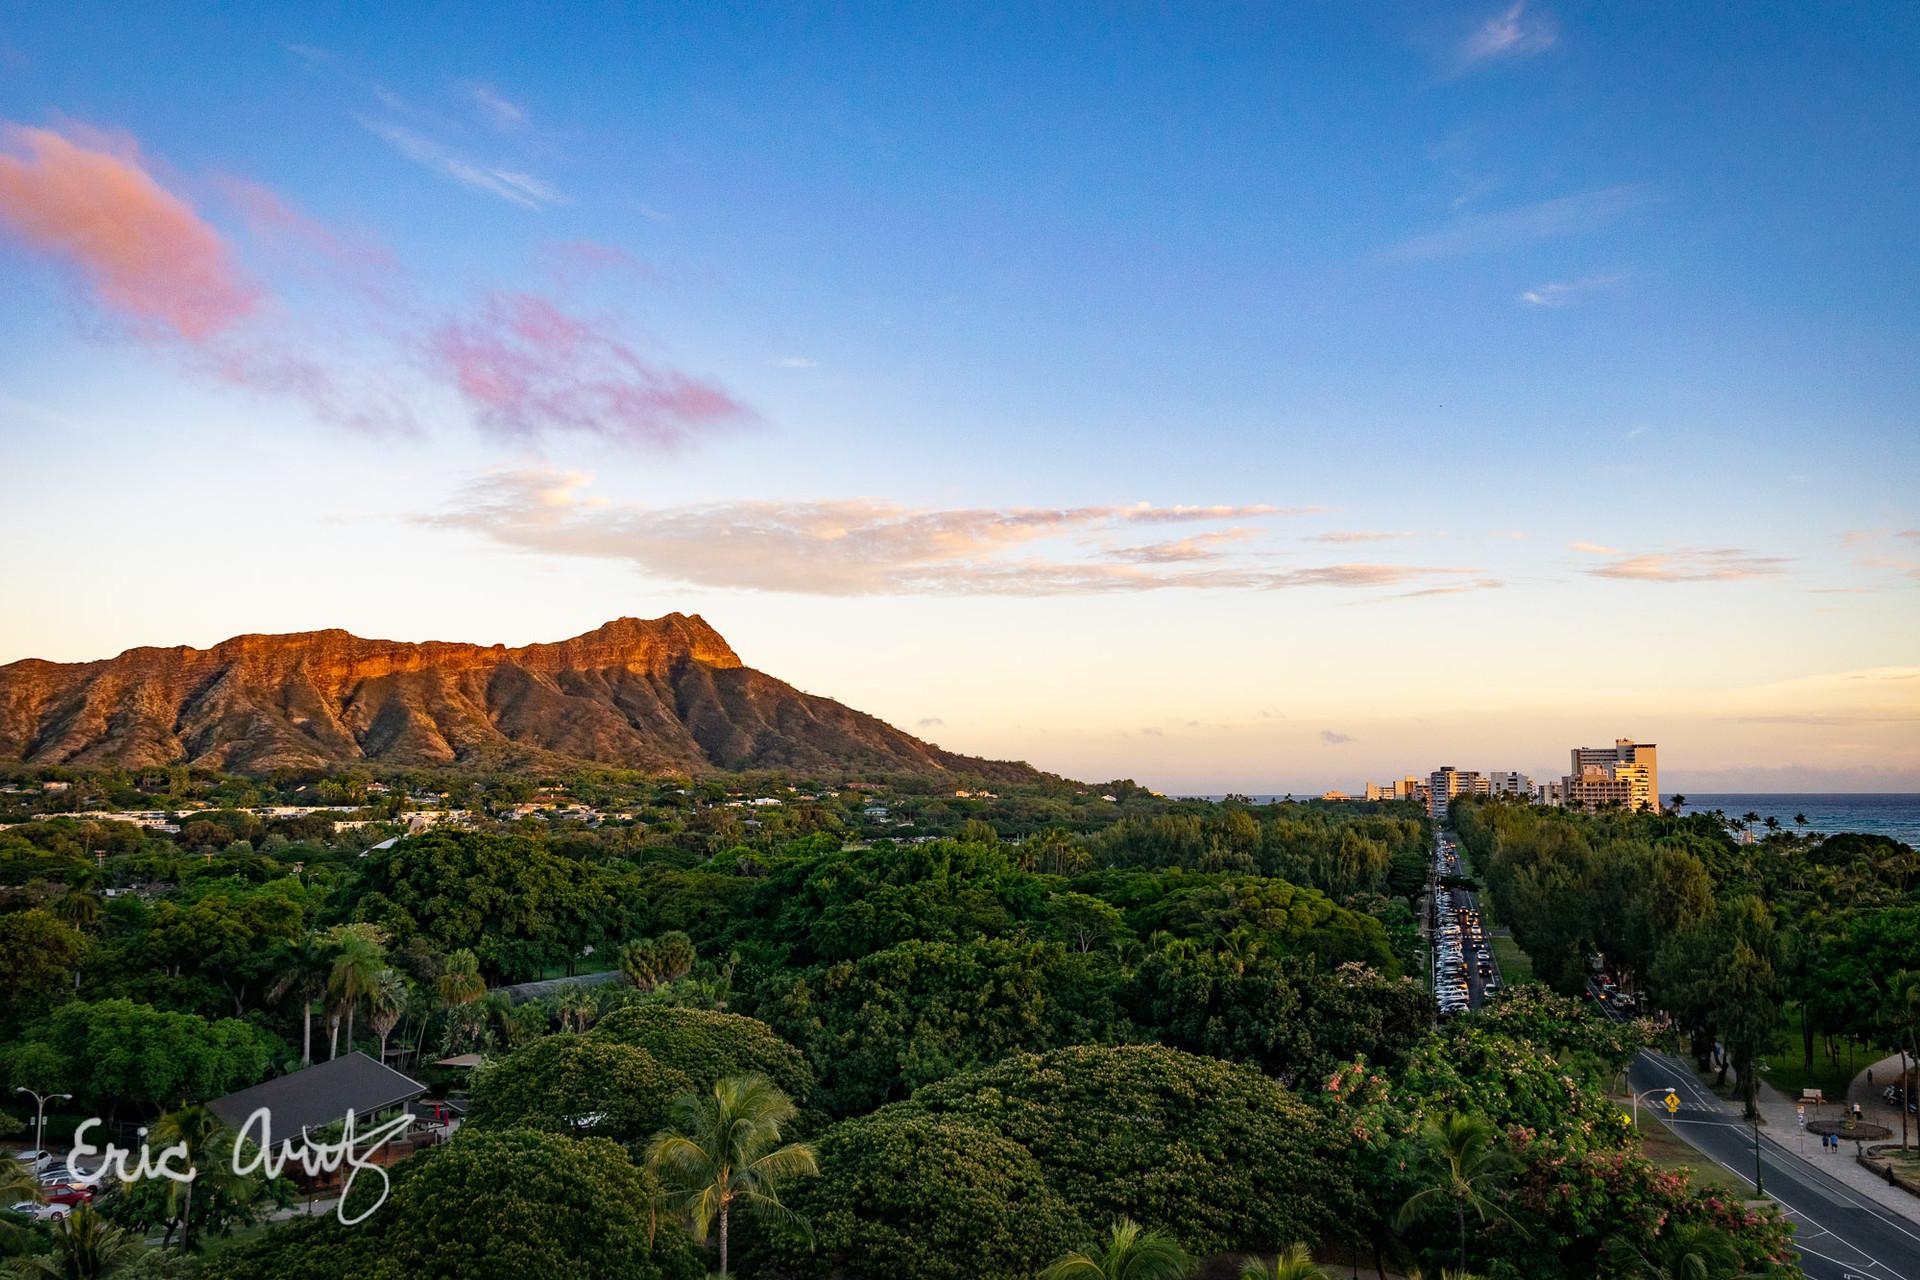 Last Light, Oahu